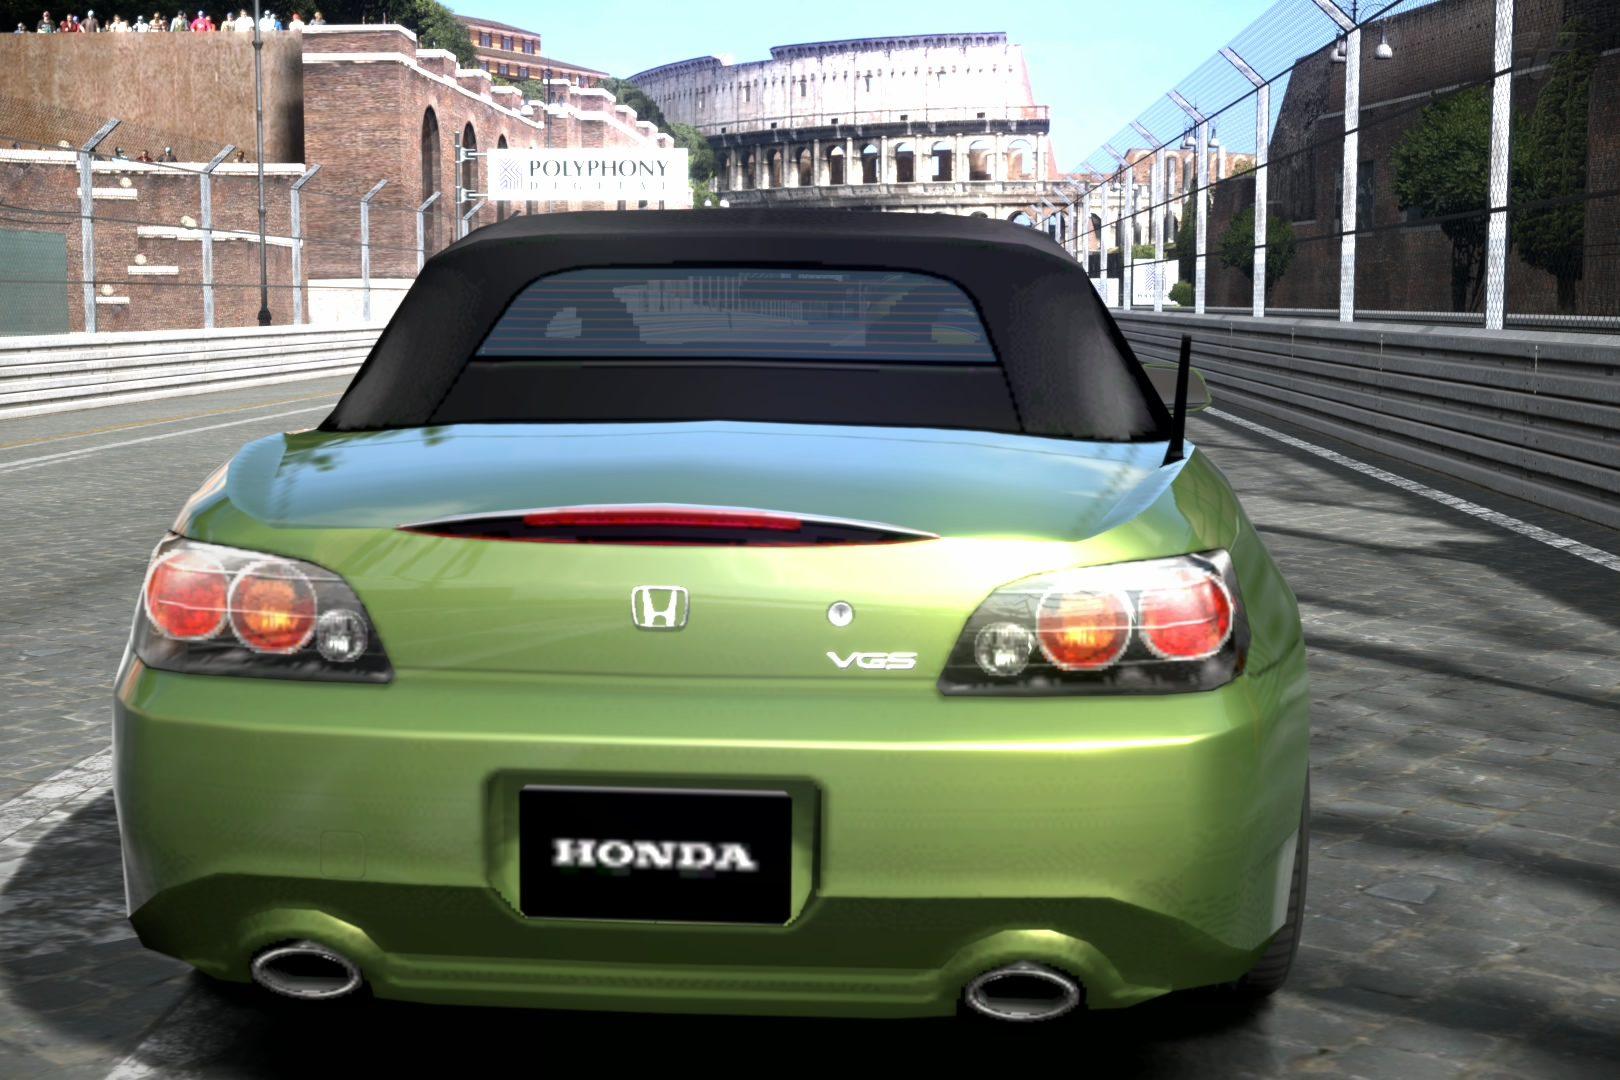 HondaS2000TypeVImg1.jpg